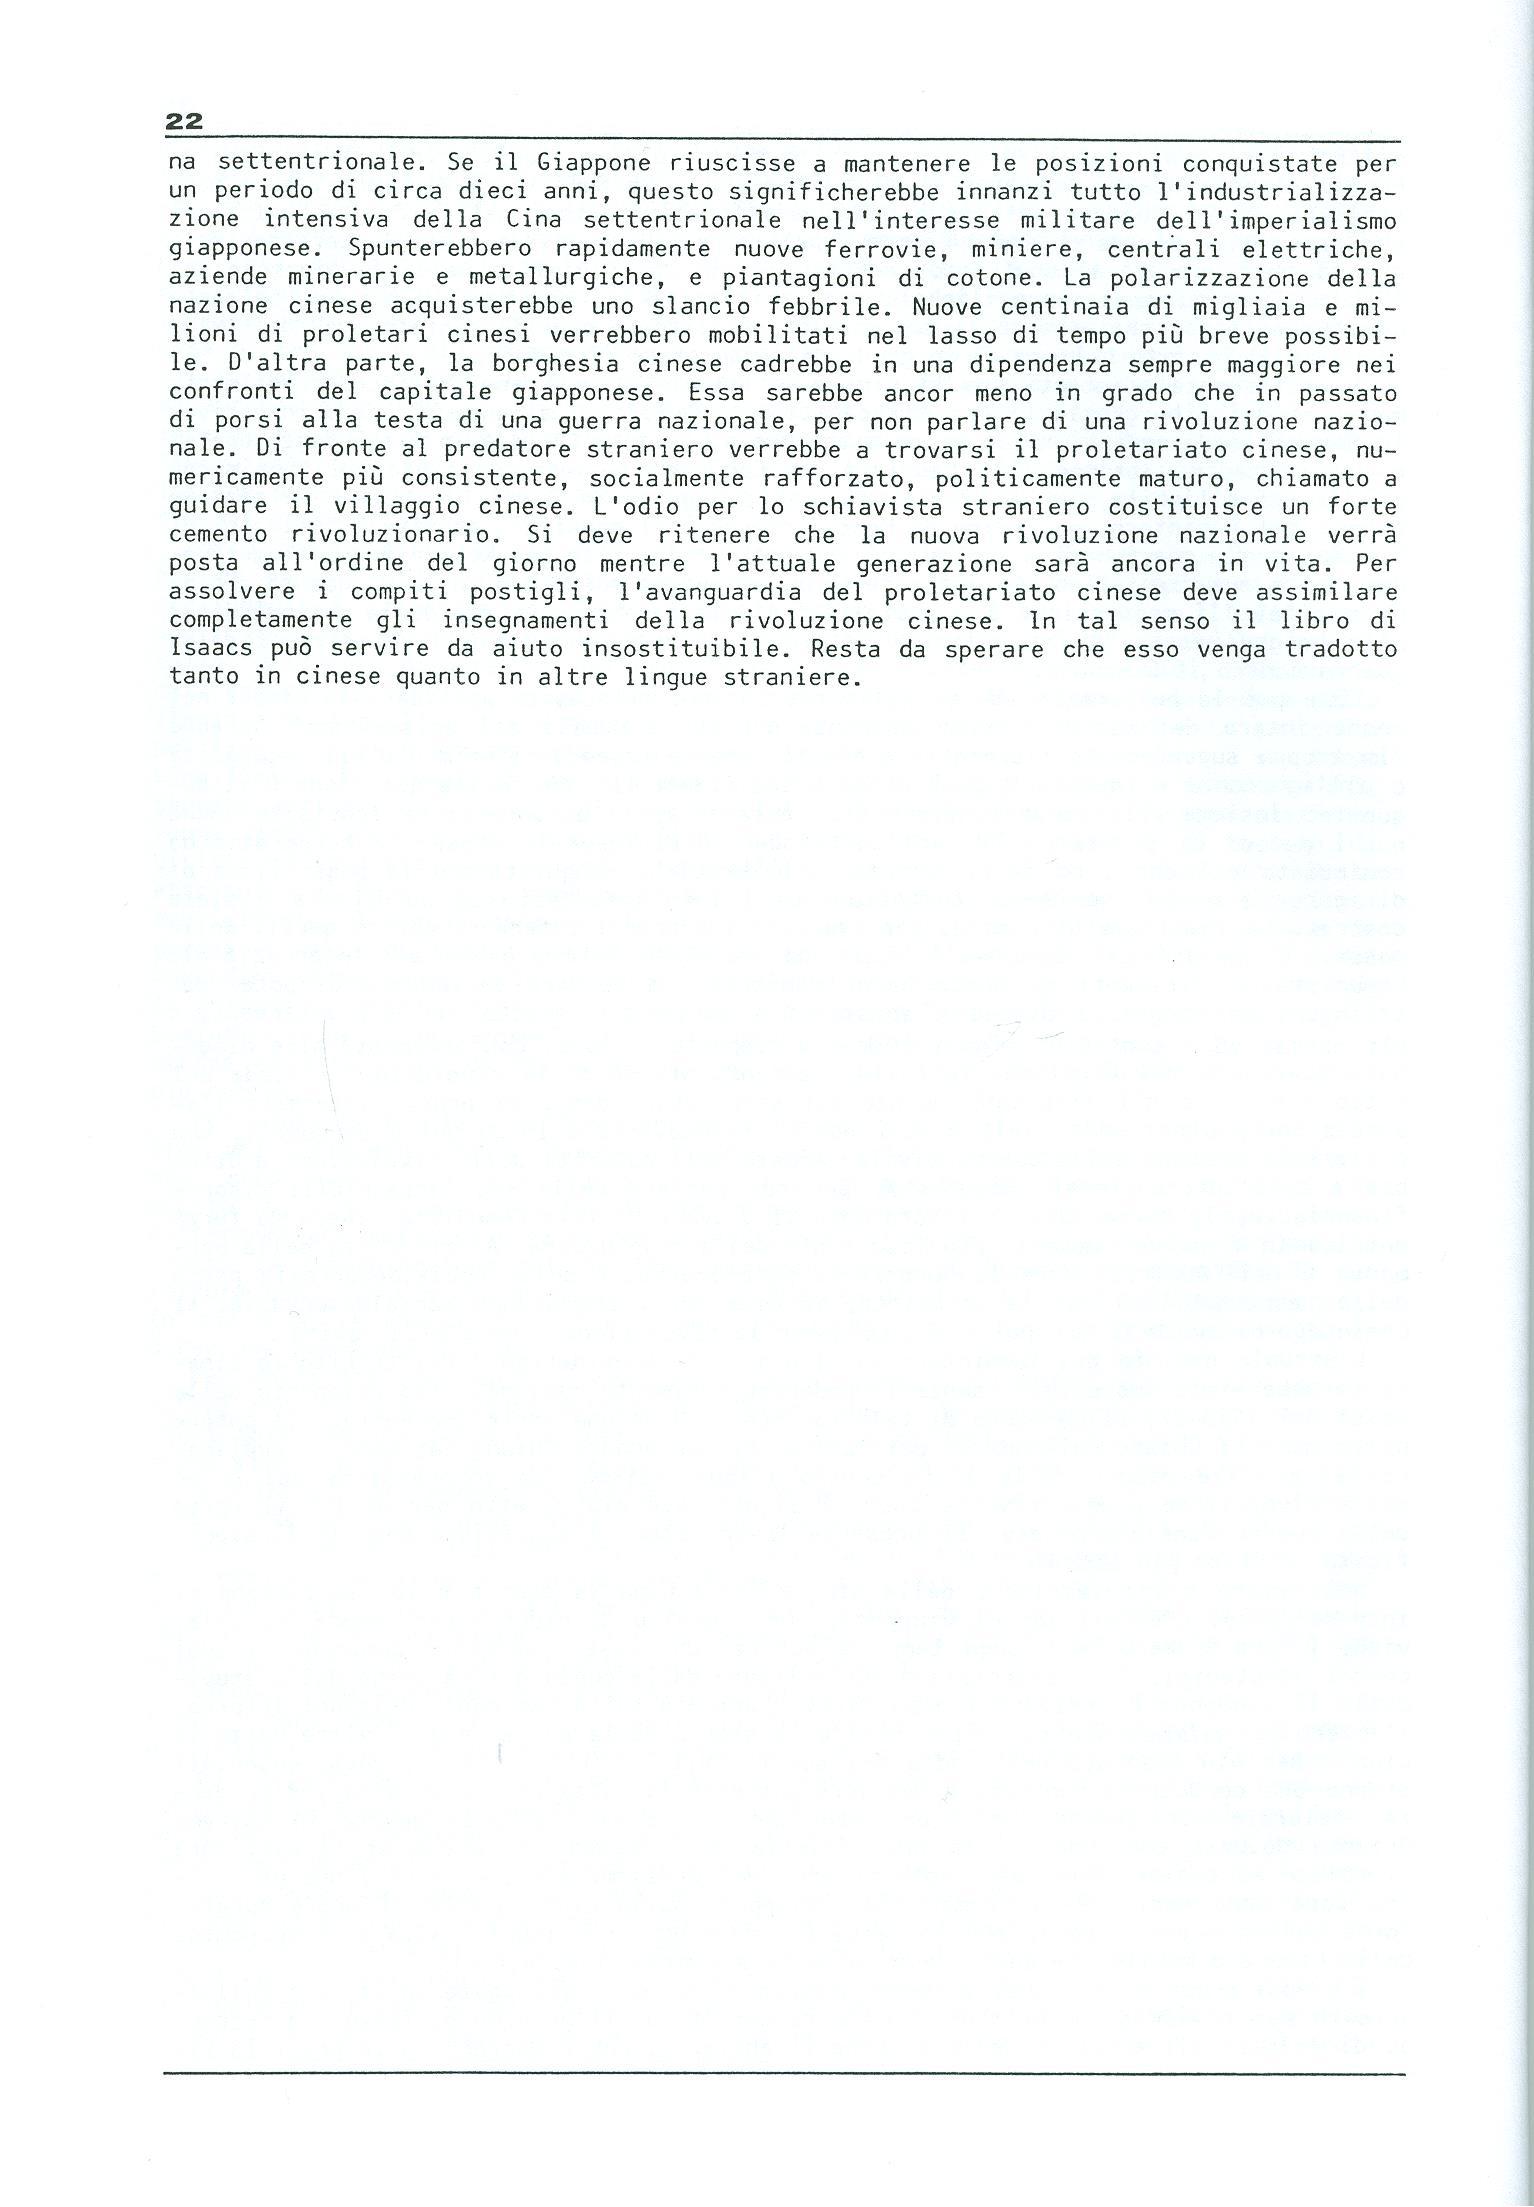 Studi e Ricerche n. 18 (aprile 1990) - pag. 22